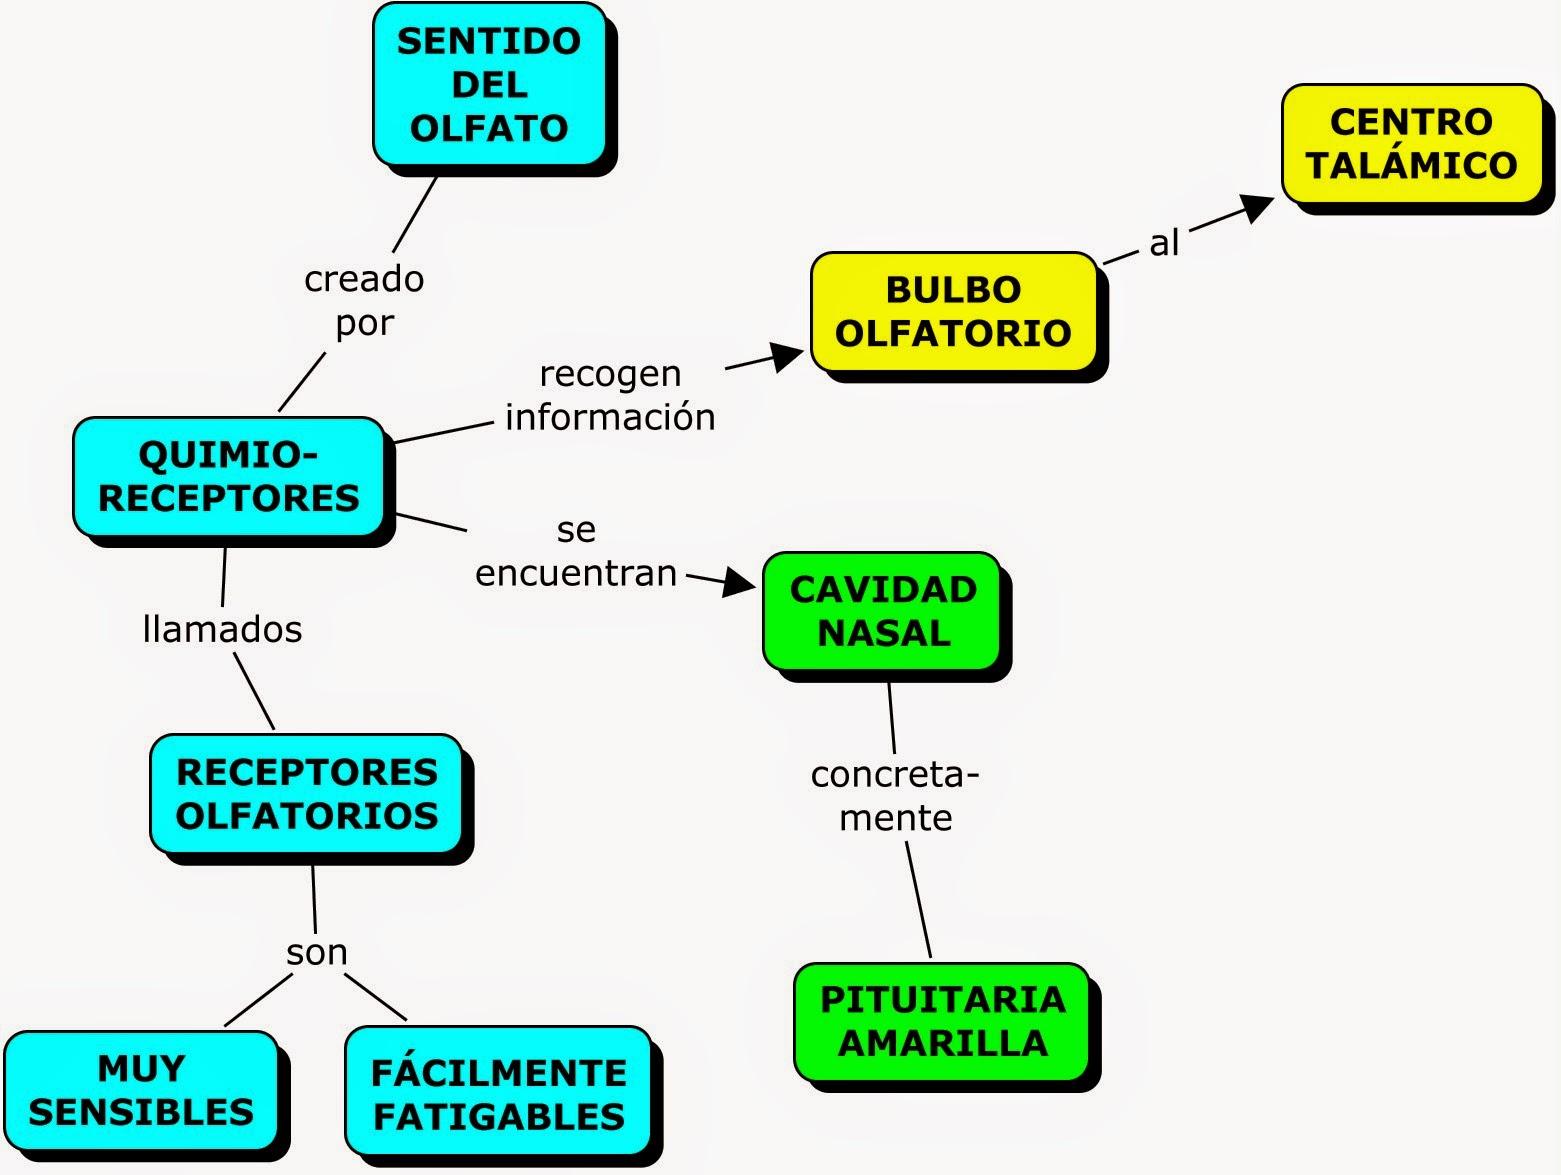 MAPAS CONCEPTUALES SOBRE LOS SENTIDOS | MAPAS CONCEPTUALES (MIND ...